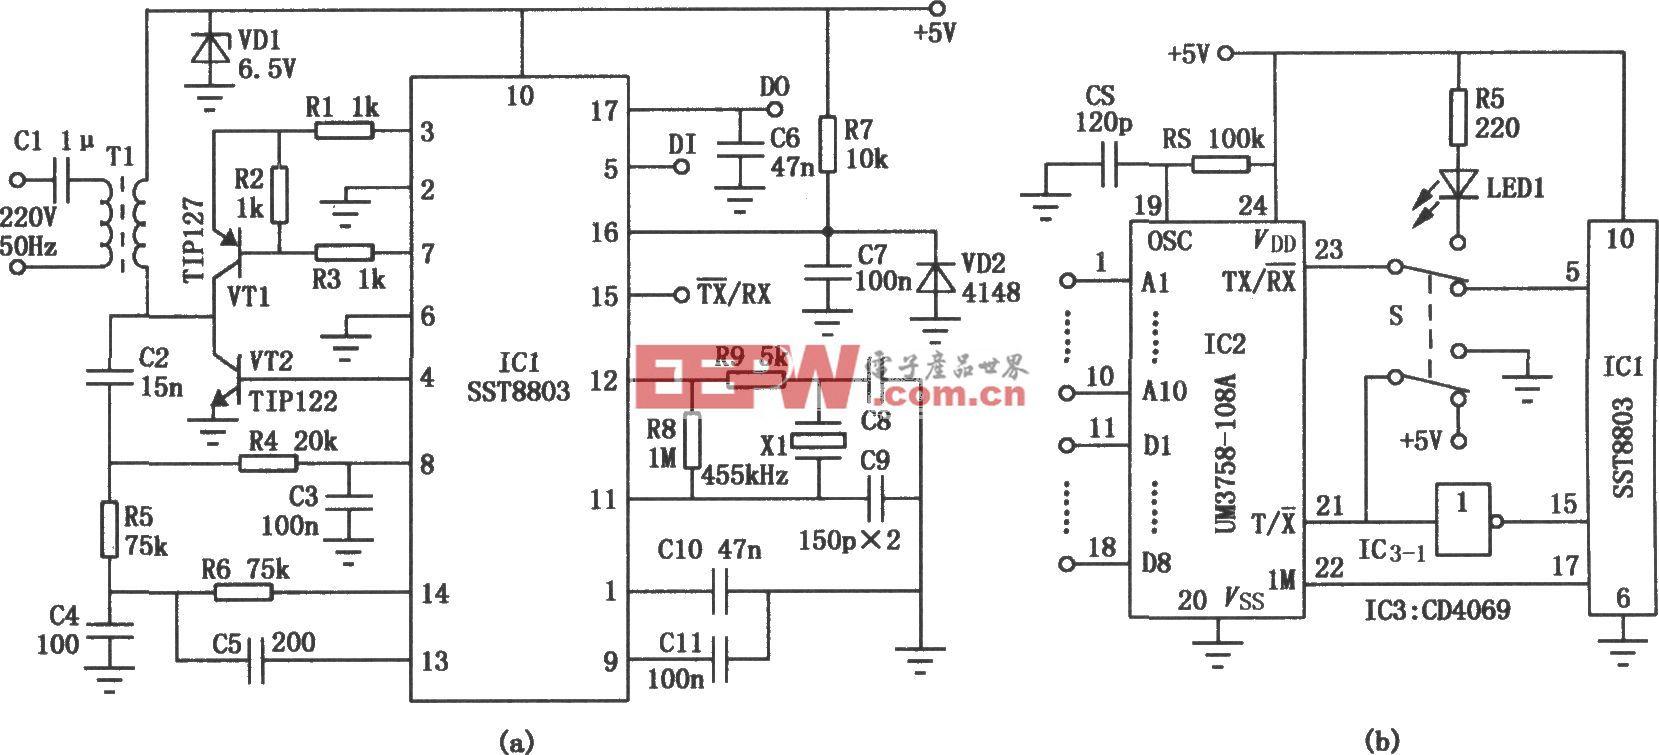 SST8803、UM3758-108A组成的数据传输调制/解调器